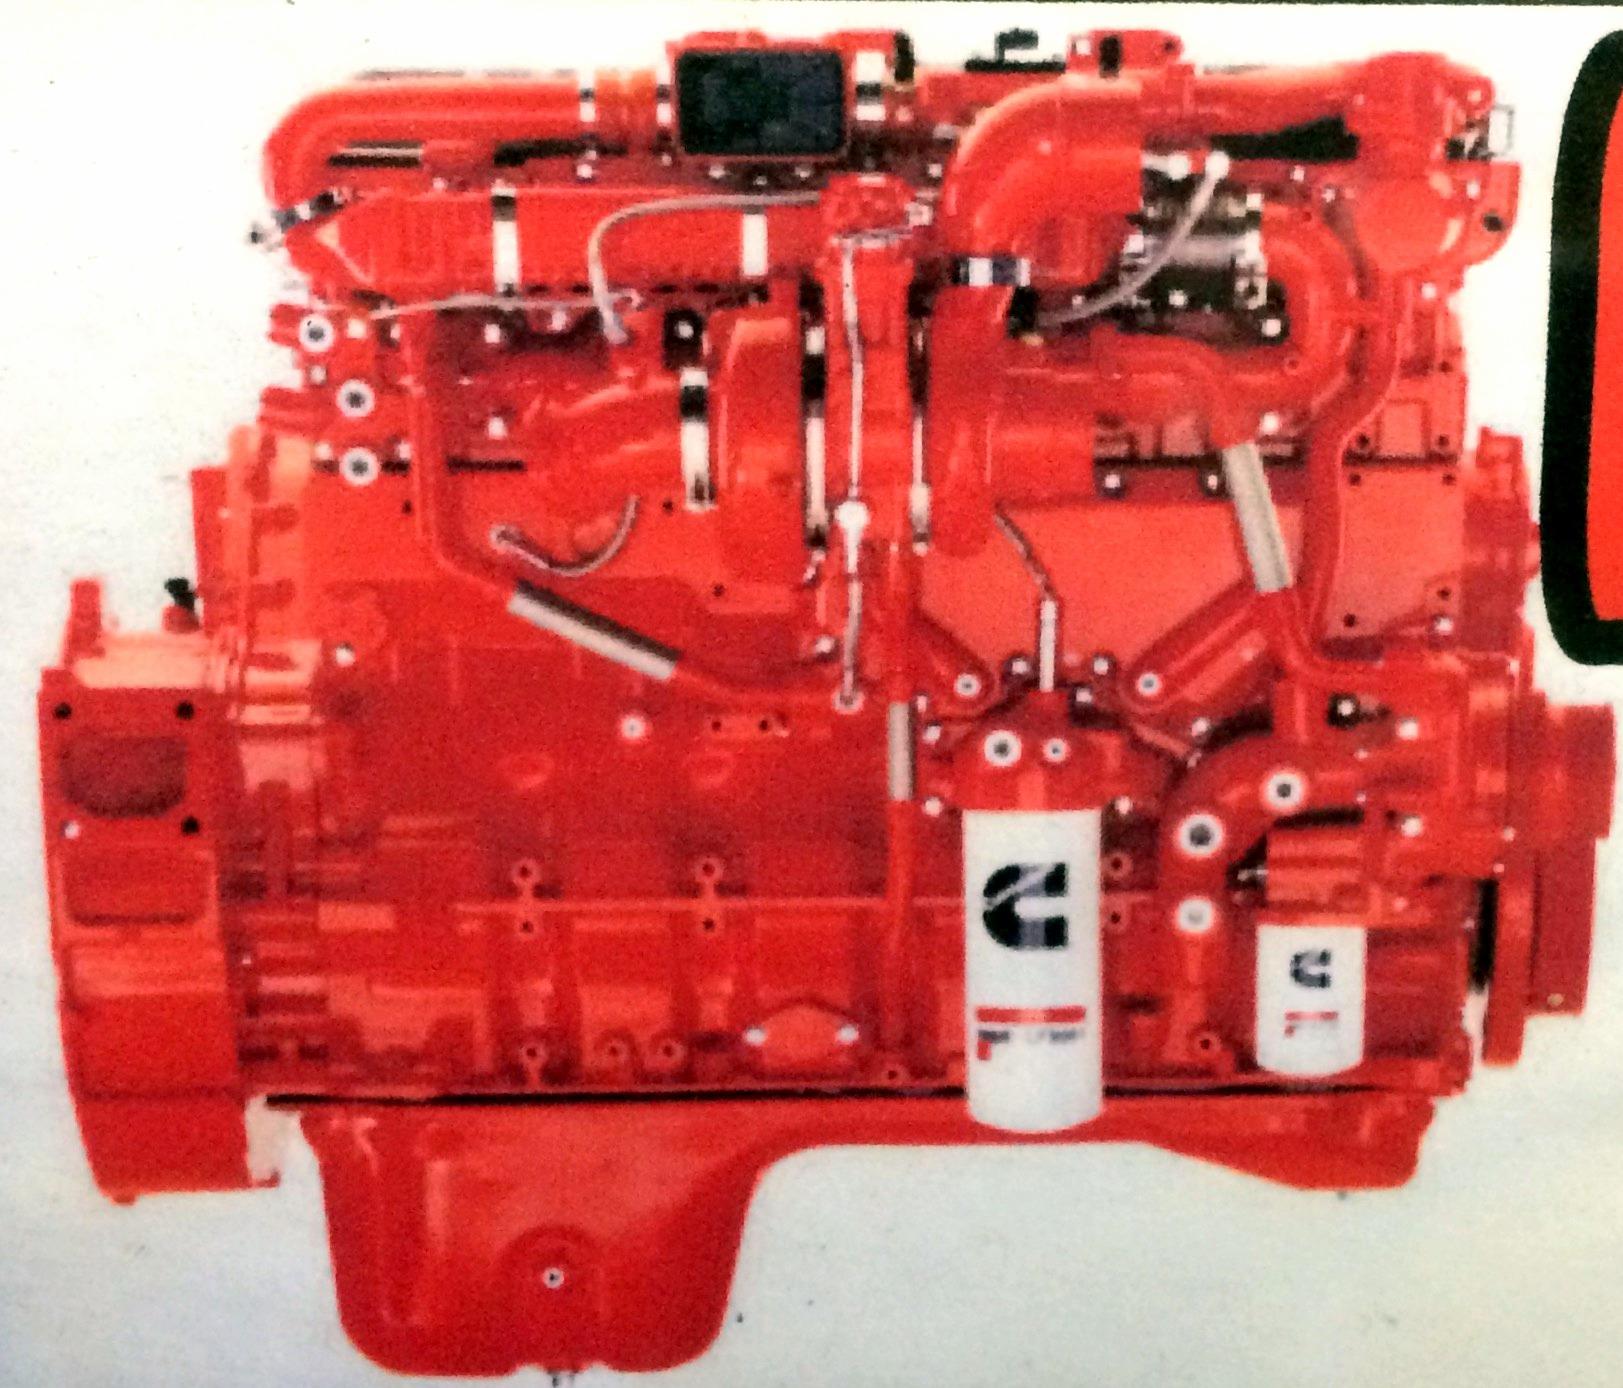 hight resolution of m11 engine diagram m62 engine diagram wiring diagram odicis cummins isx engine parts diagram cummins isx